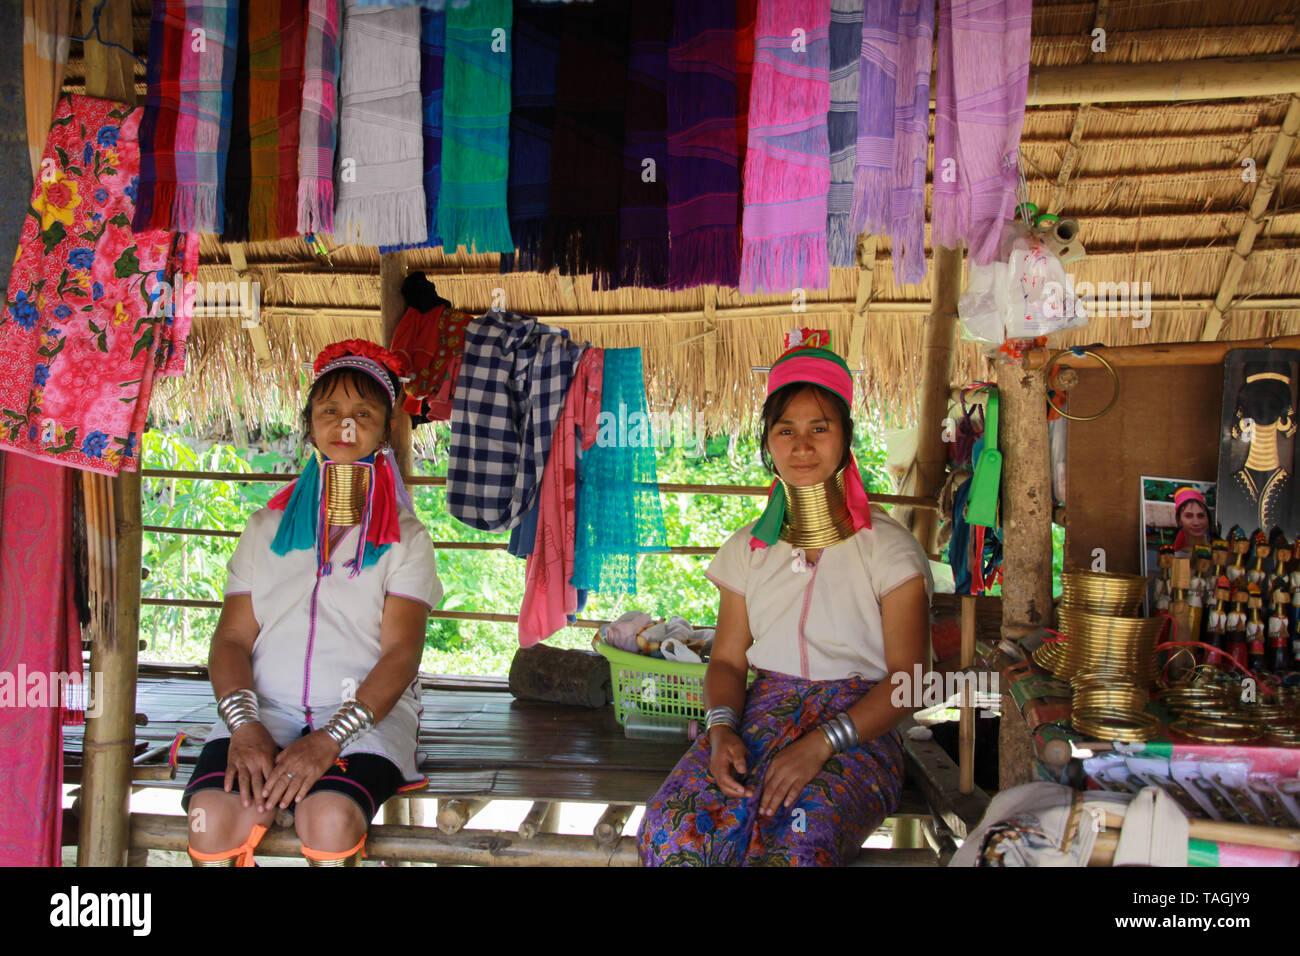 Baidjan KAREN VILLAGE, THAÏLANDE - 17 décembre. 2017: Deux long cou women sitting in front of a bamboo hut Banque D'Images